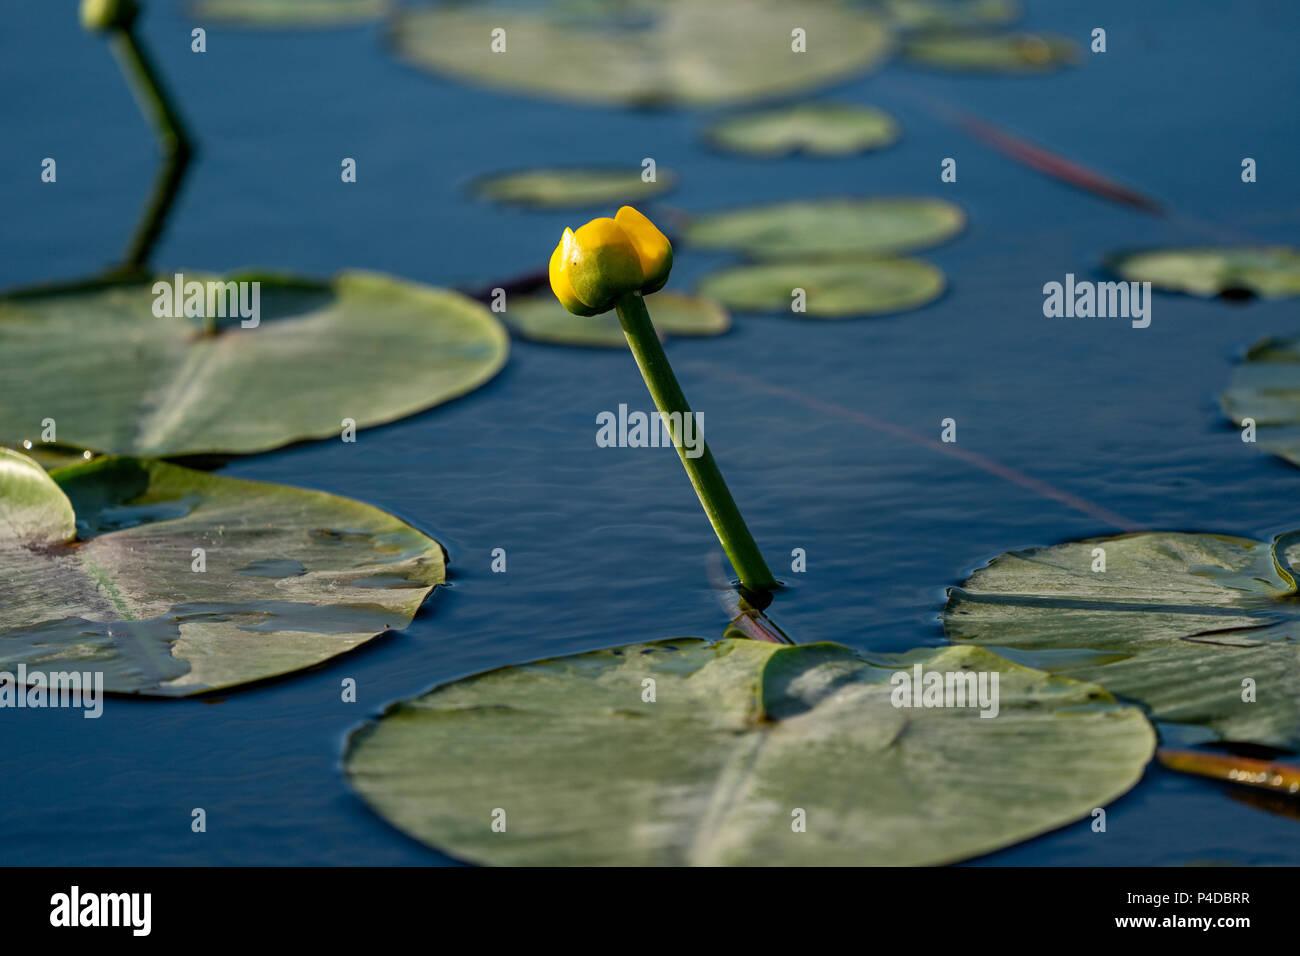 Kleine gelbe Lotus schwimmend auf blauem Wasser in das Donau Delta, Europa Stockfoto